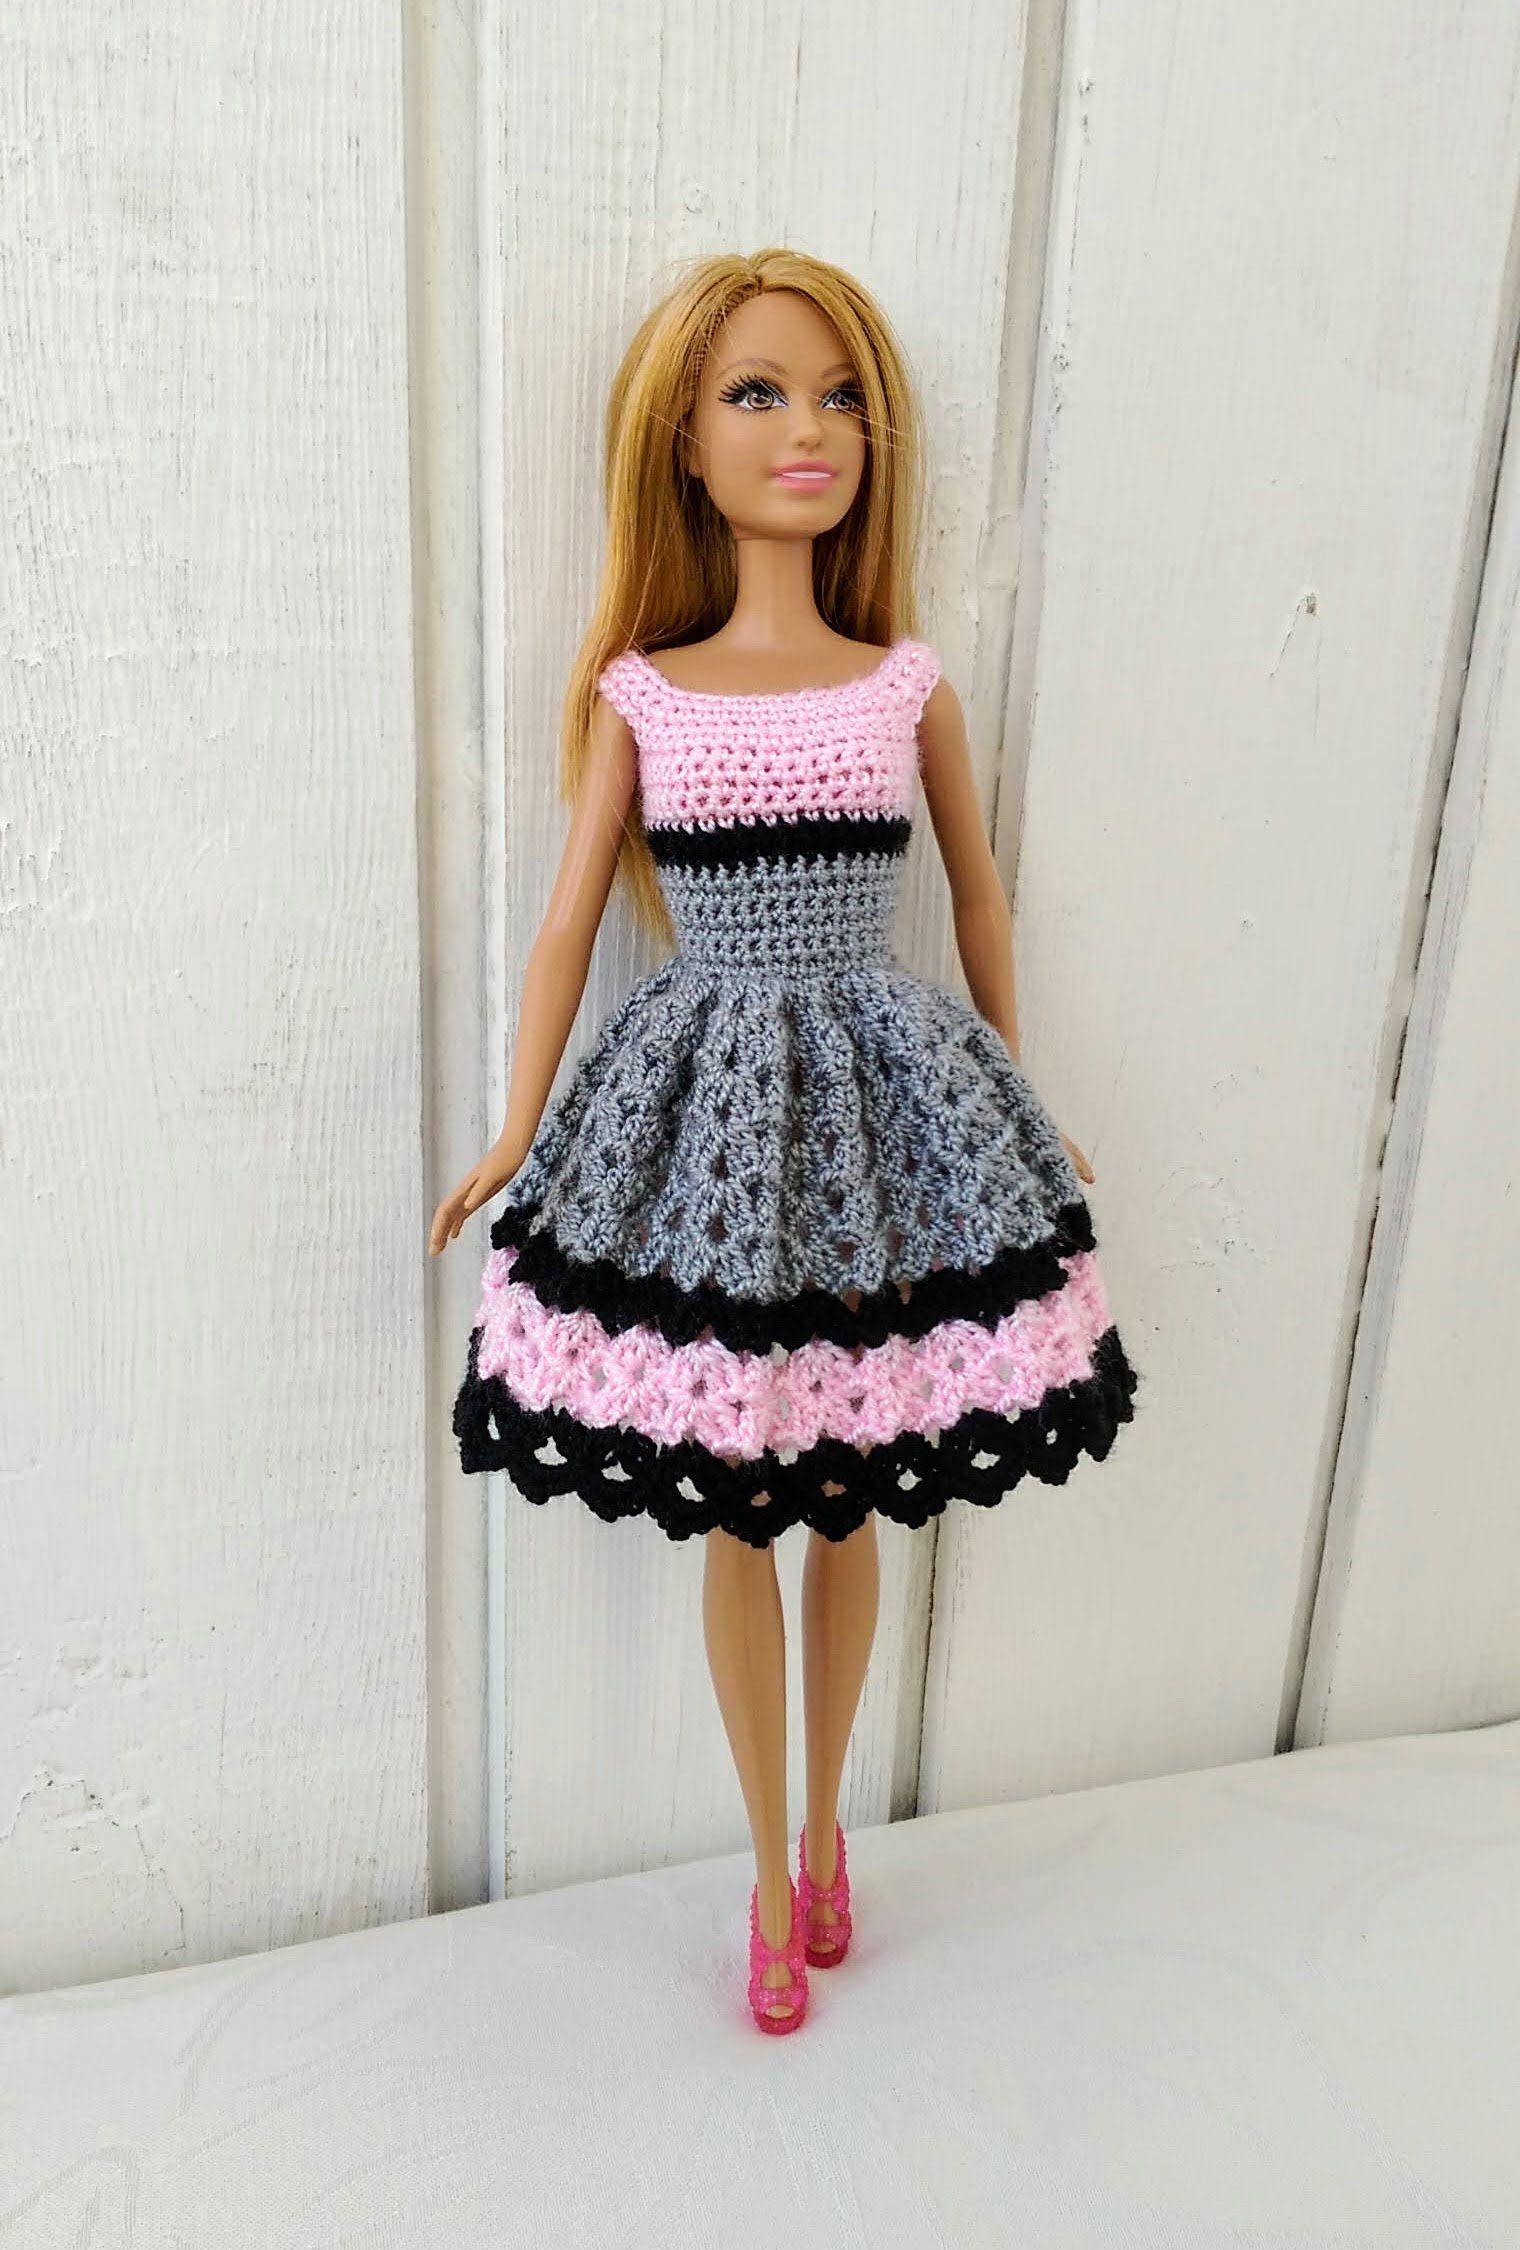 innovative design a5881 f2a94 Barbie clothes Barbie Crochet Dress for Barbie Doll ...